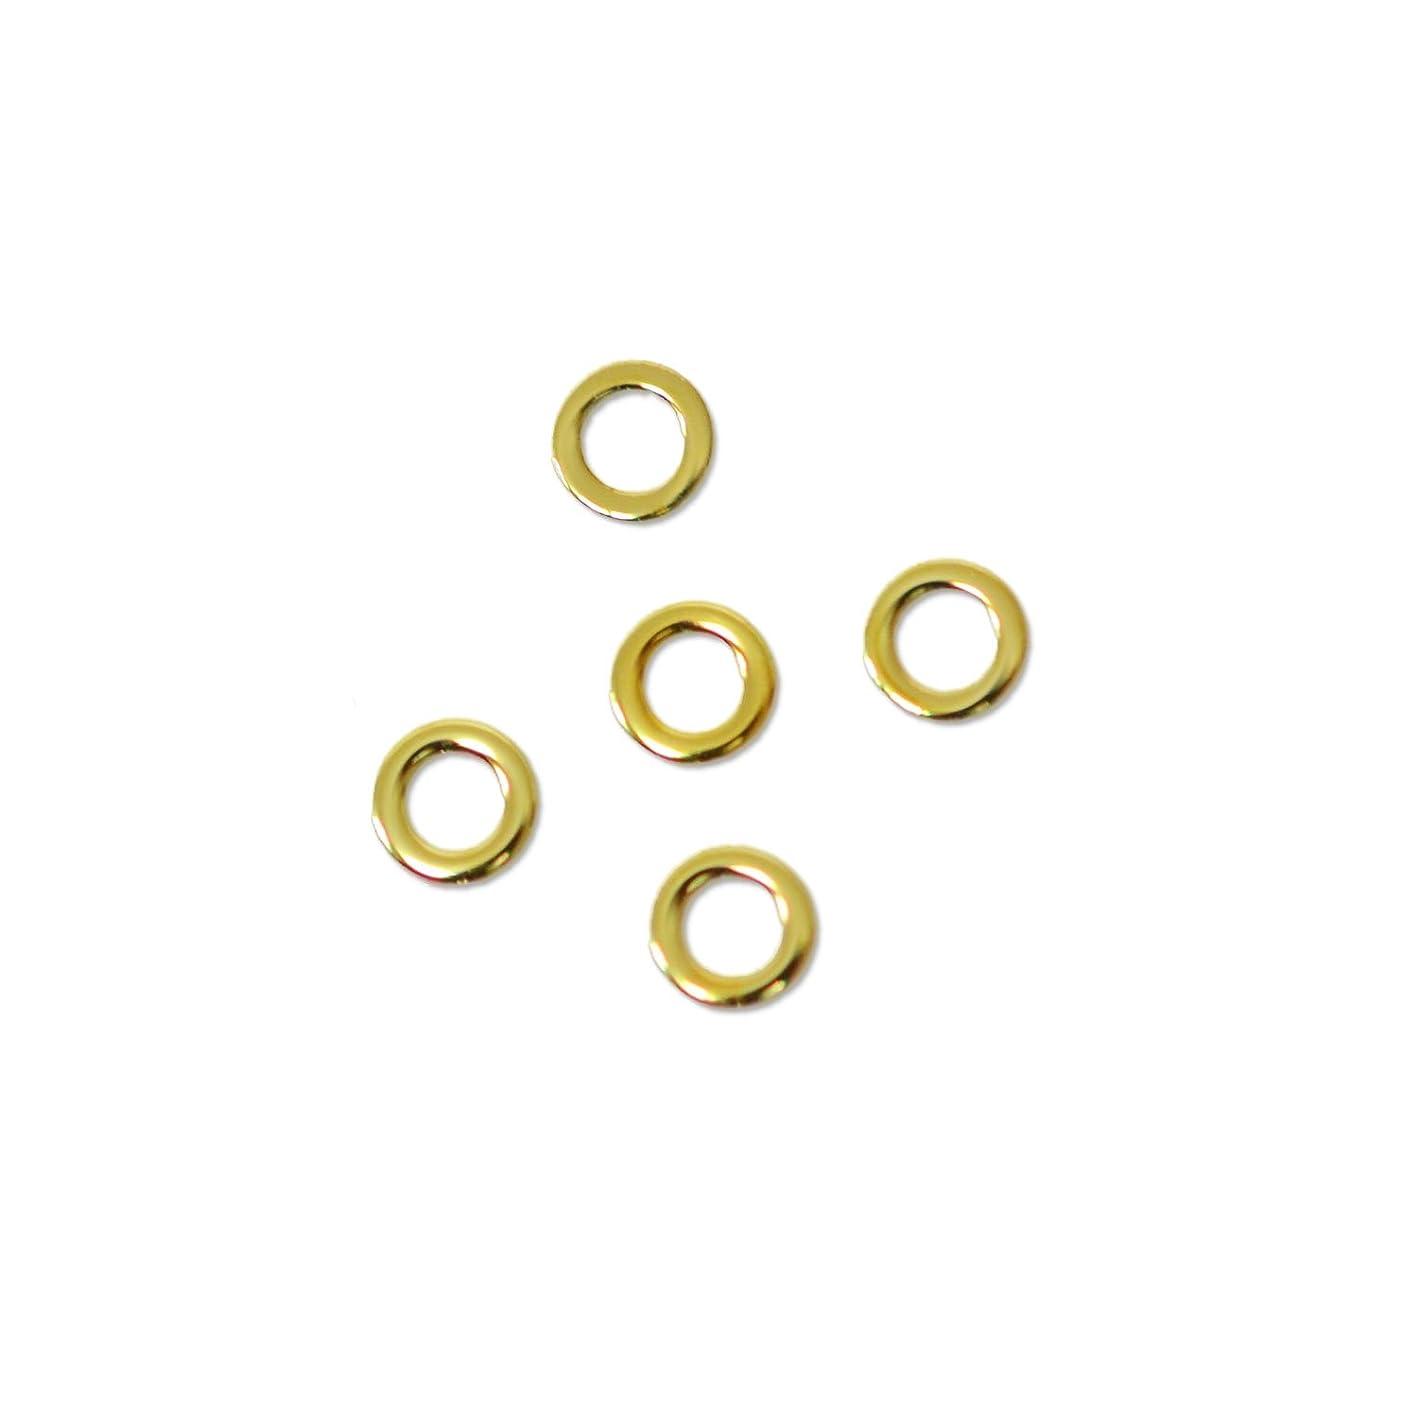 表示未使用浮く薄型メタルパーツ10052 ラウンドS 2mm(内寸1mm) ゴールド 50個入り